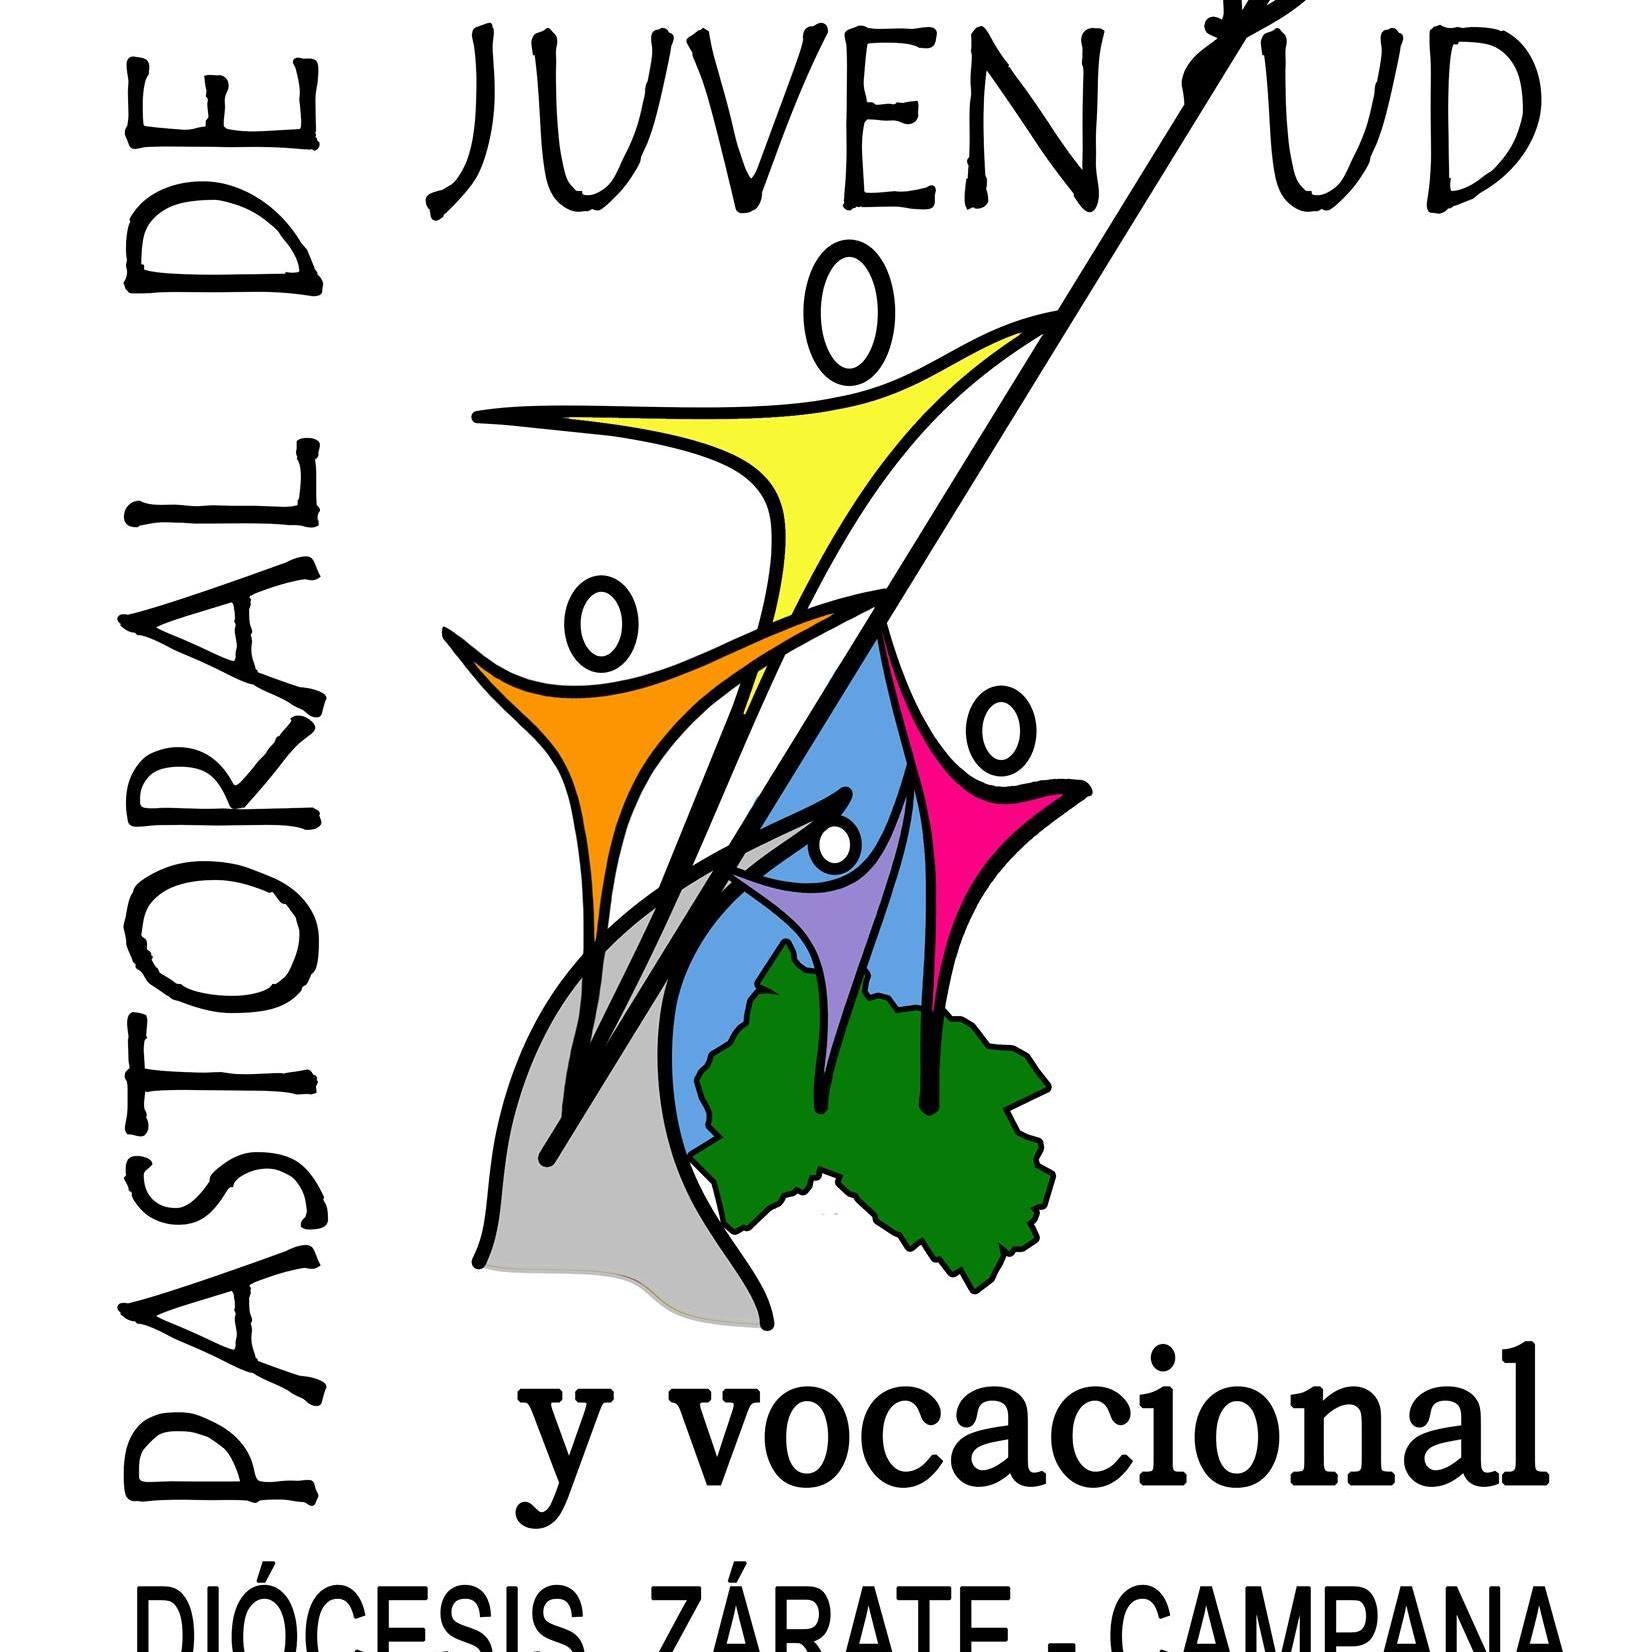 XII Misión Juvenil Diocesana 28, 29 y 30 de septiembre. Lugar Parroquia Ntra Sra del Carmen de Campana